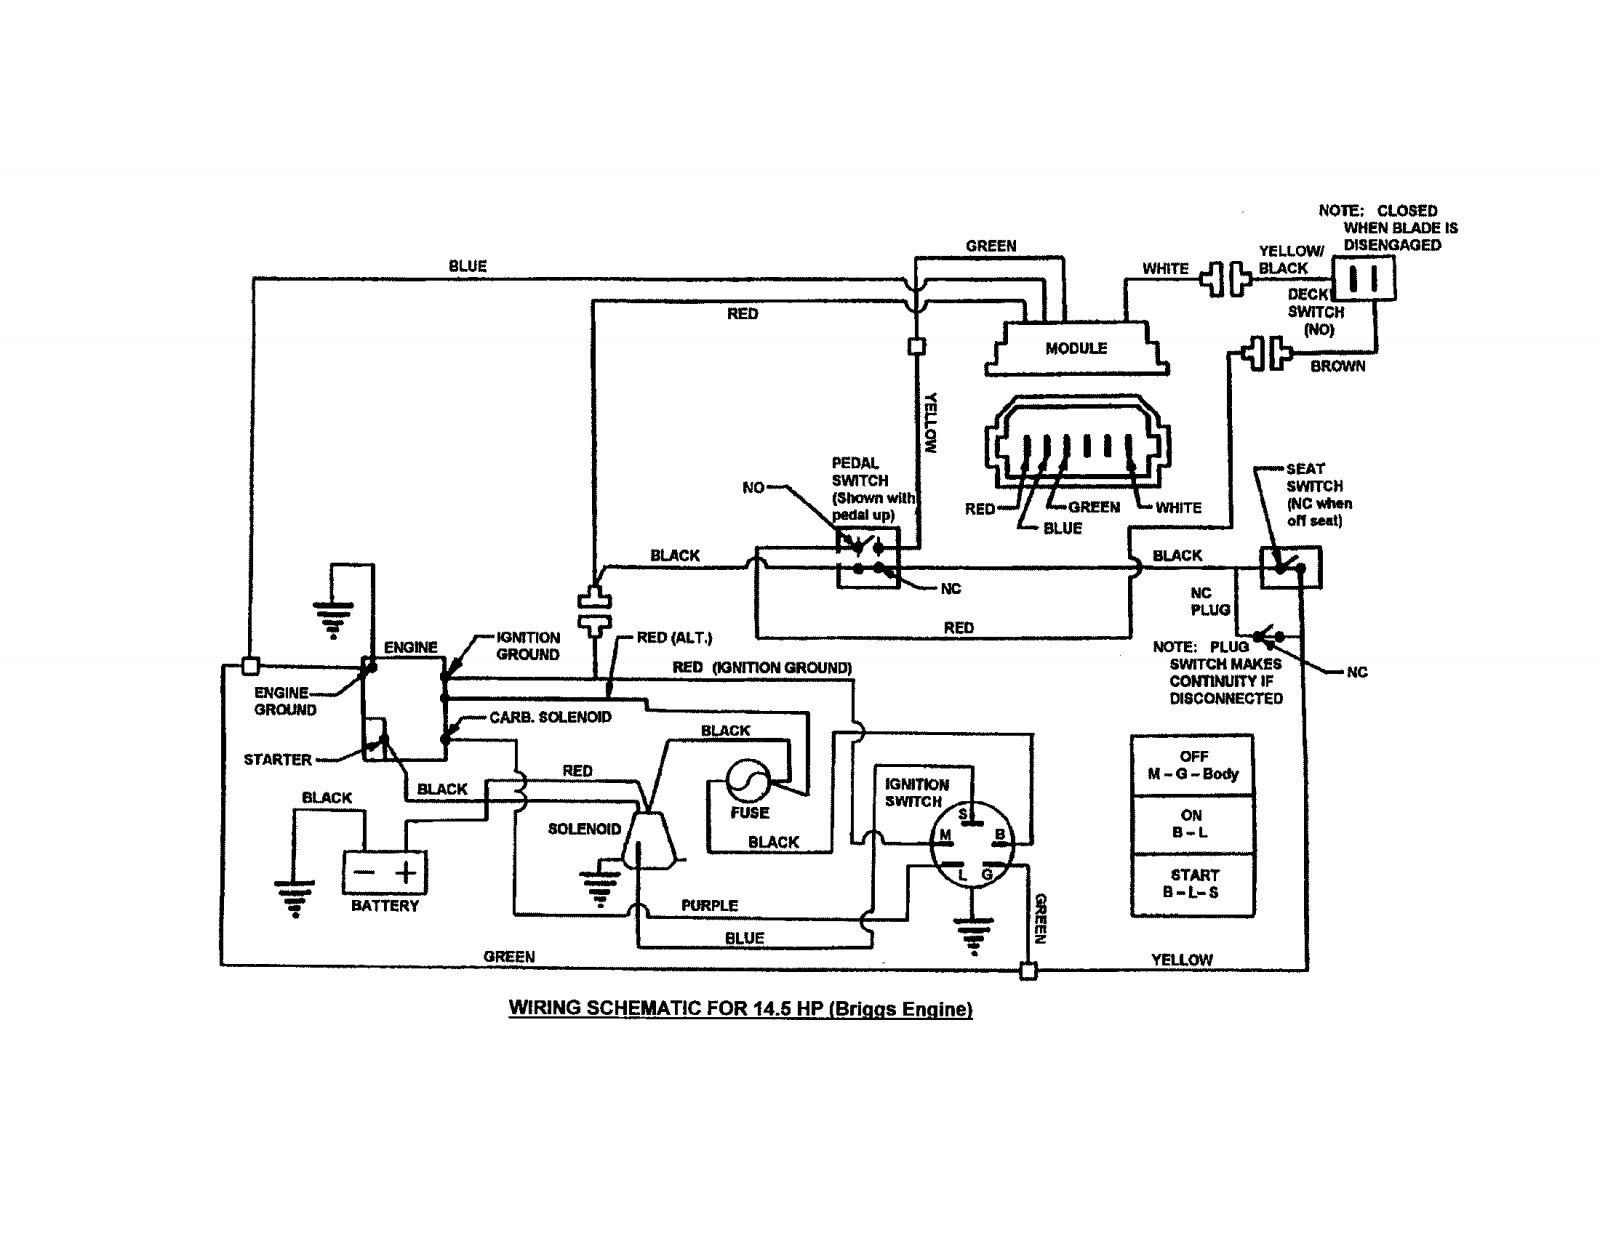 Tecumseh Engines Carburetor Diagram Briggs and Stratton